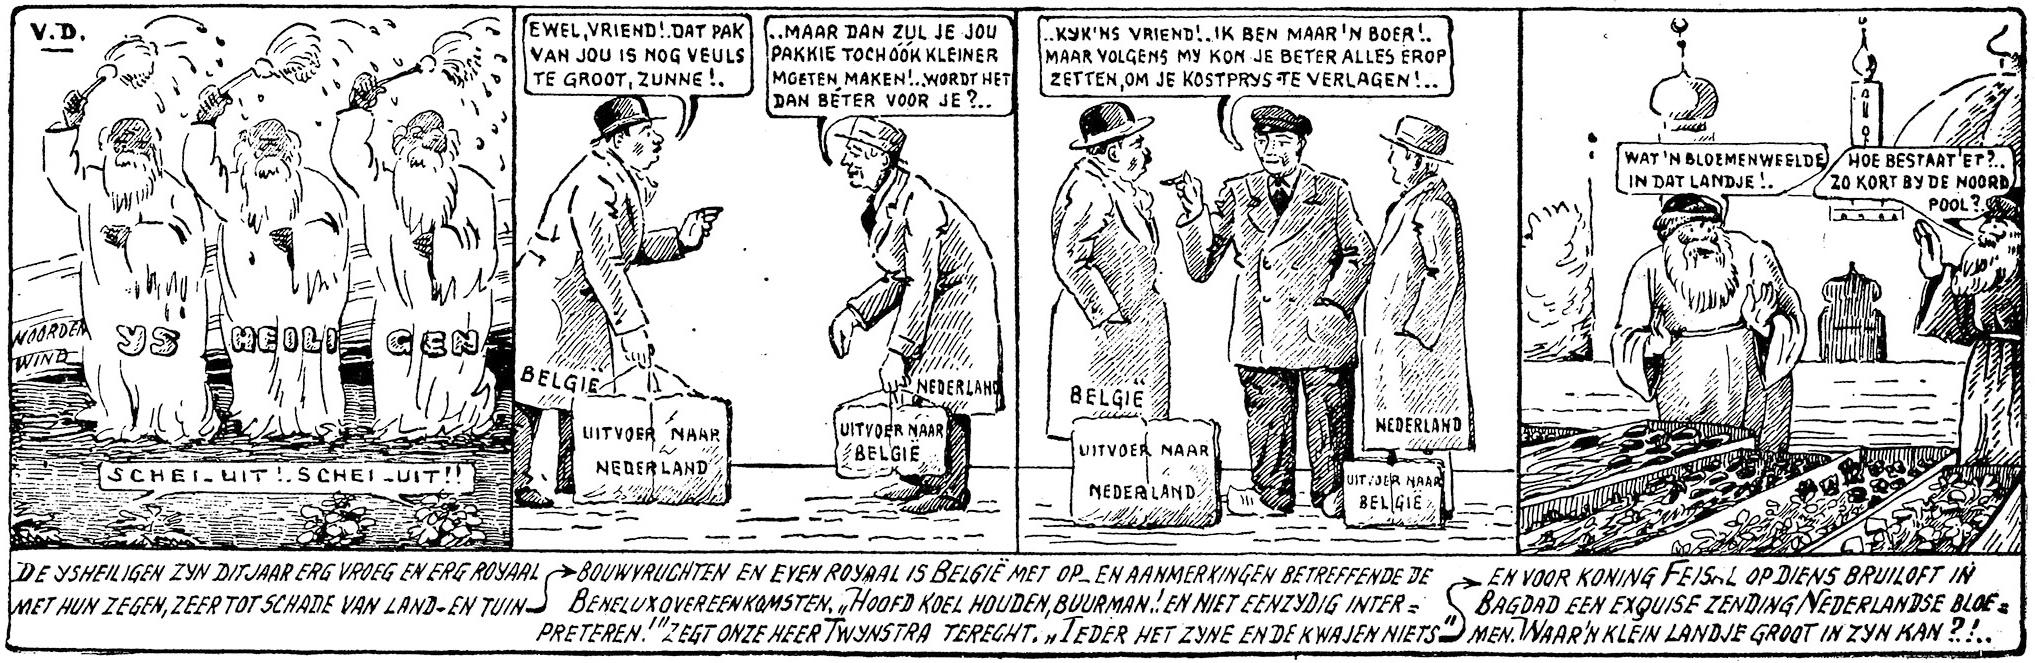 Een van de vele cartoons over de landbouwpolitiek die Bernard van Dam maakte.